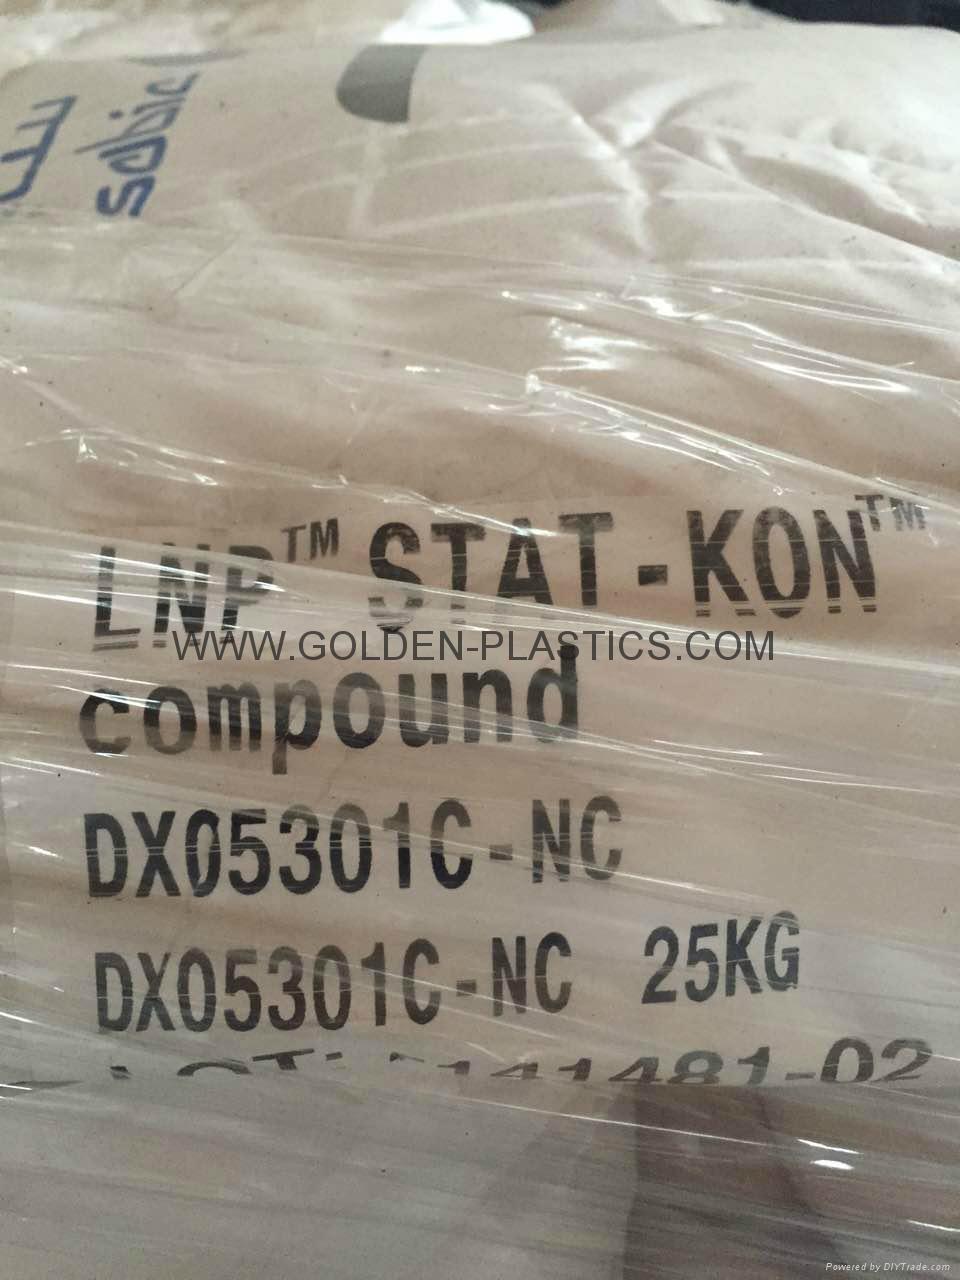 LNP STAT-KON DX05301C